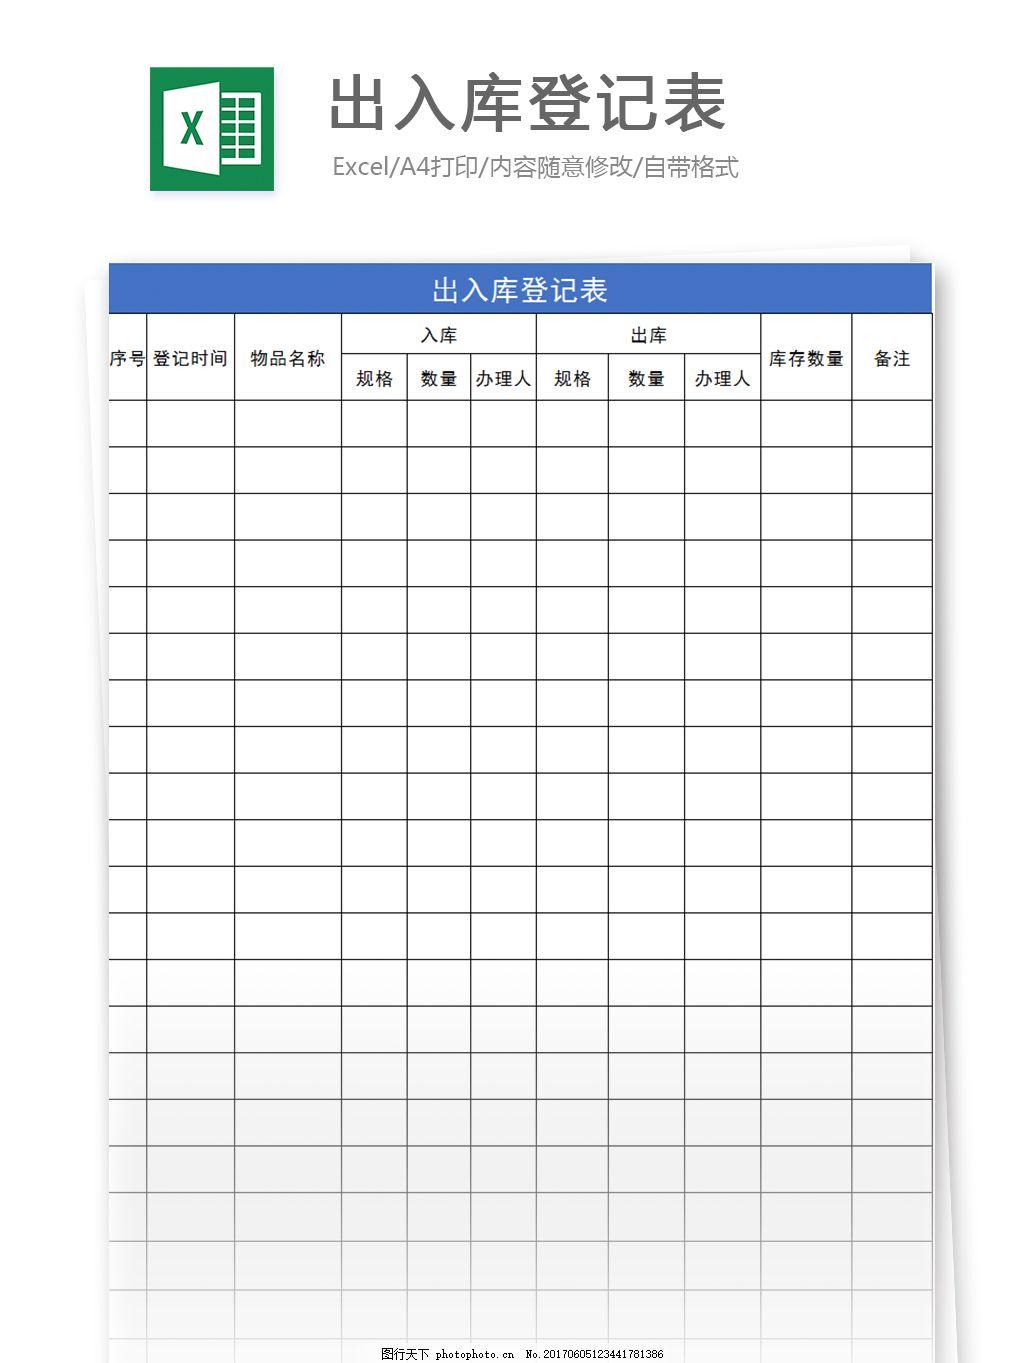 图表 表格设计 表格 框架 单项 表格框 物品出入库登记表 物品登记表